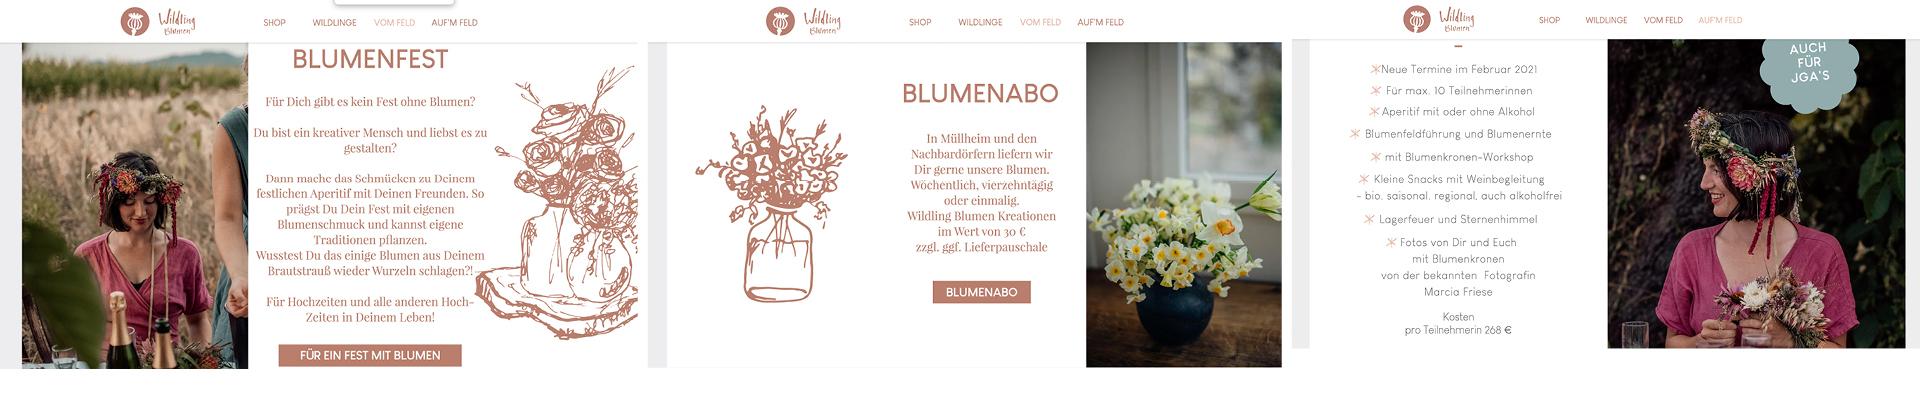 businessfotos freiburg, Businessfotos für Produkte und Angebote Basel Freiburg